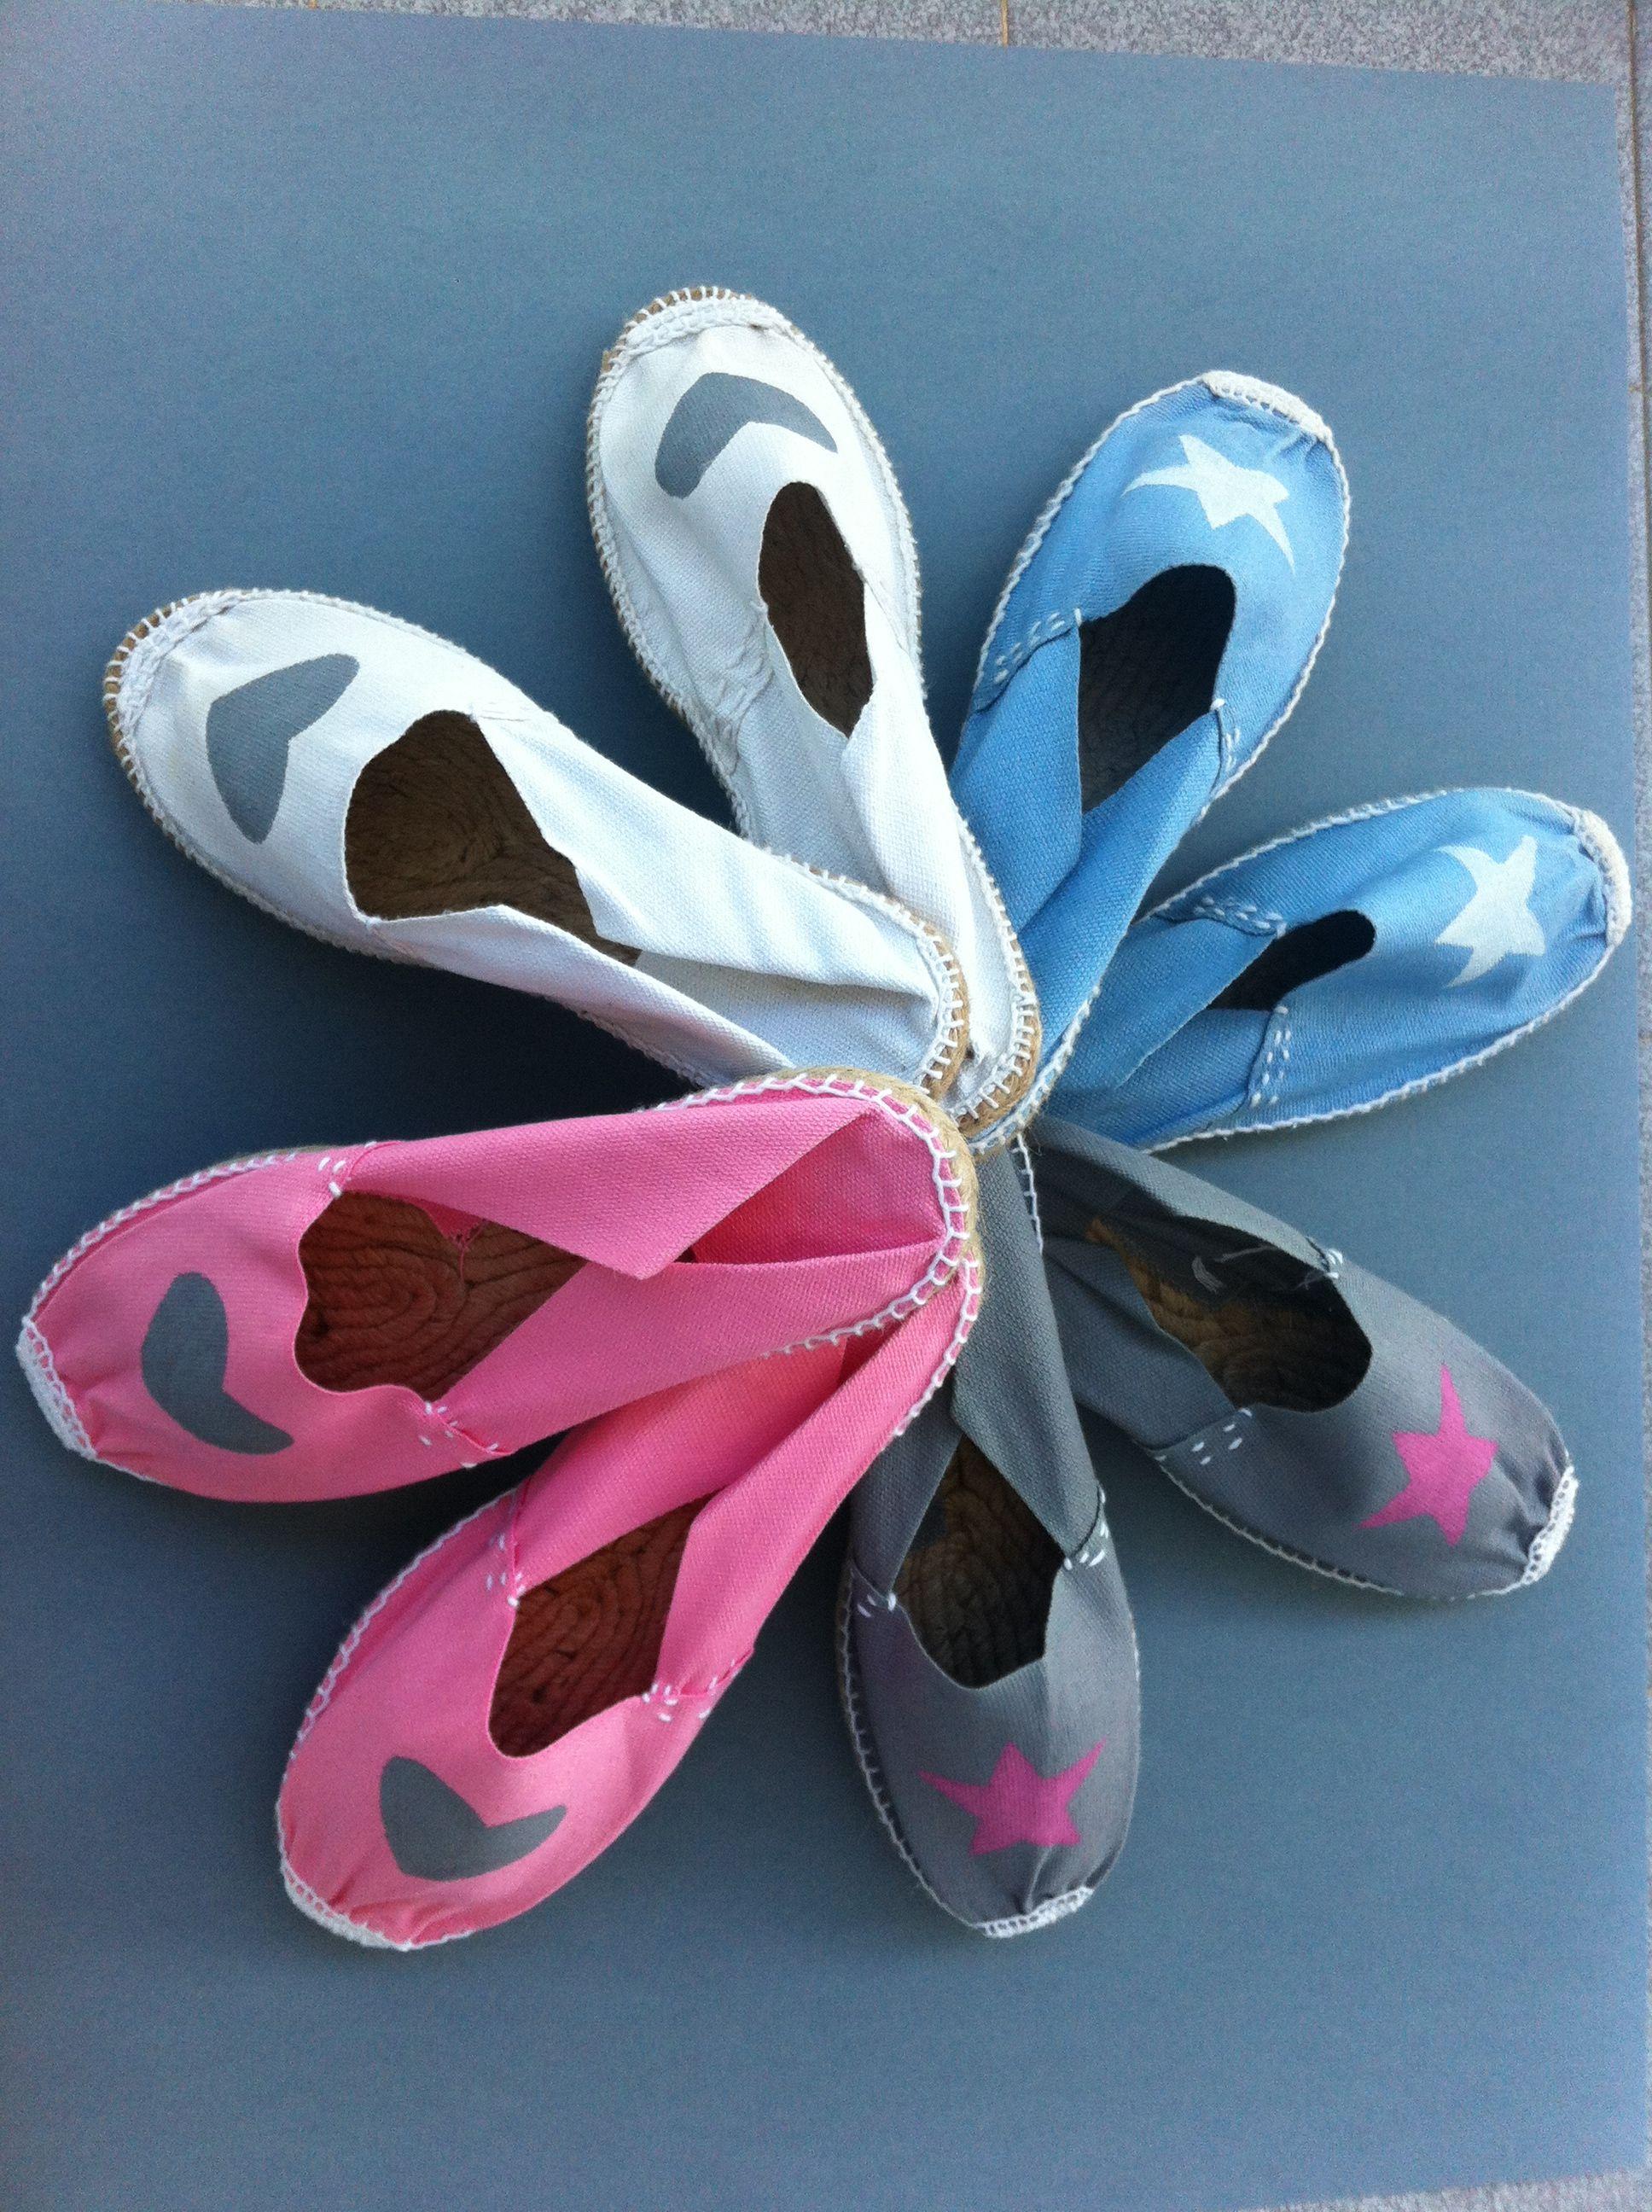 Alpargatas zapatillas de playa diy pinterest craft - Vanesa pascual ...